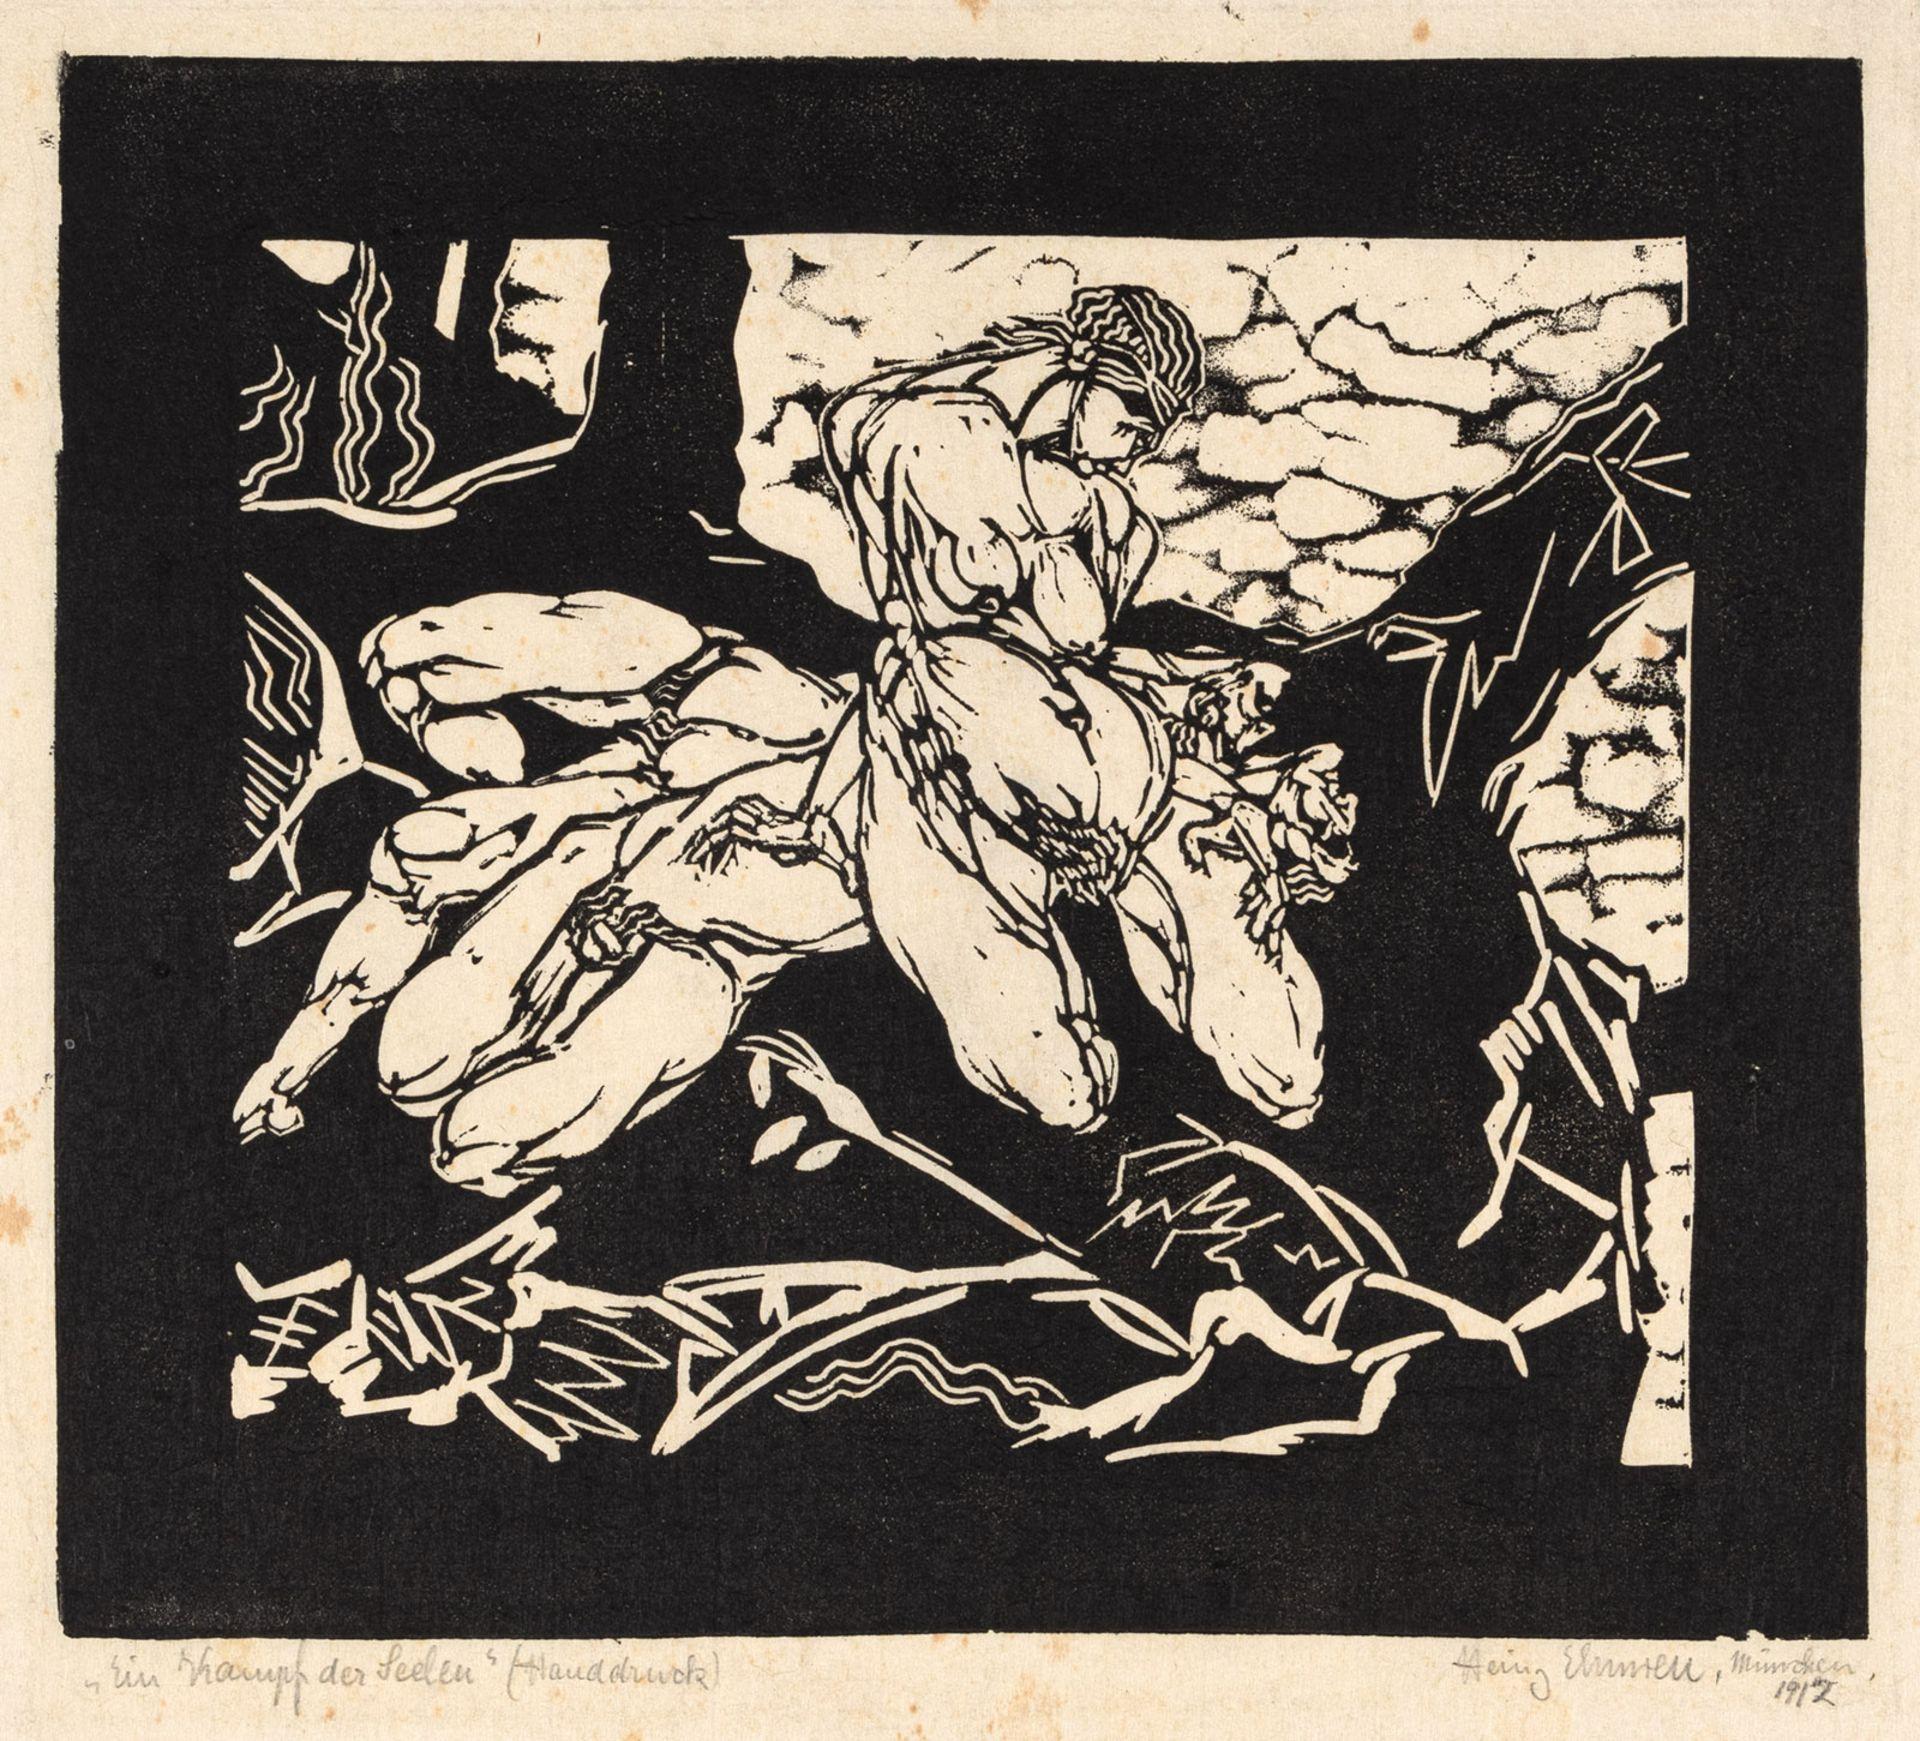 Ehmsen, Heinrich - Image 2 of 6